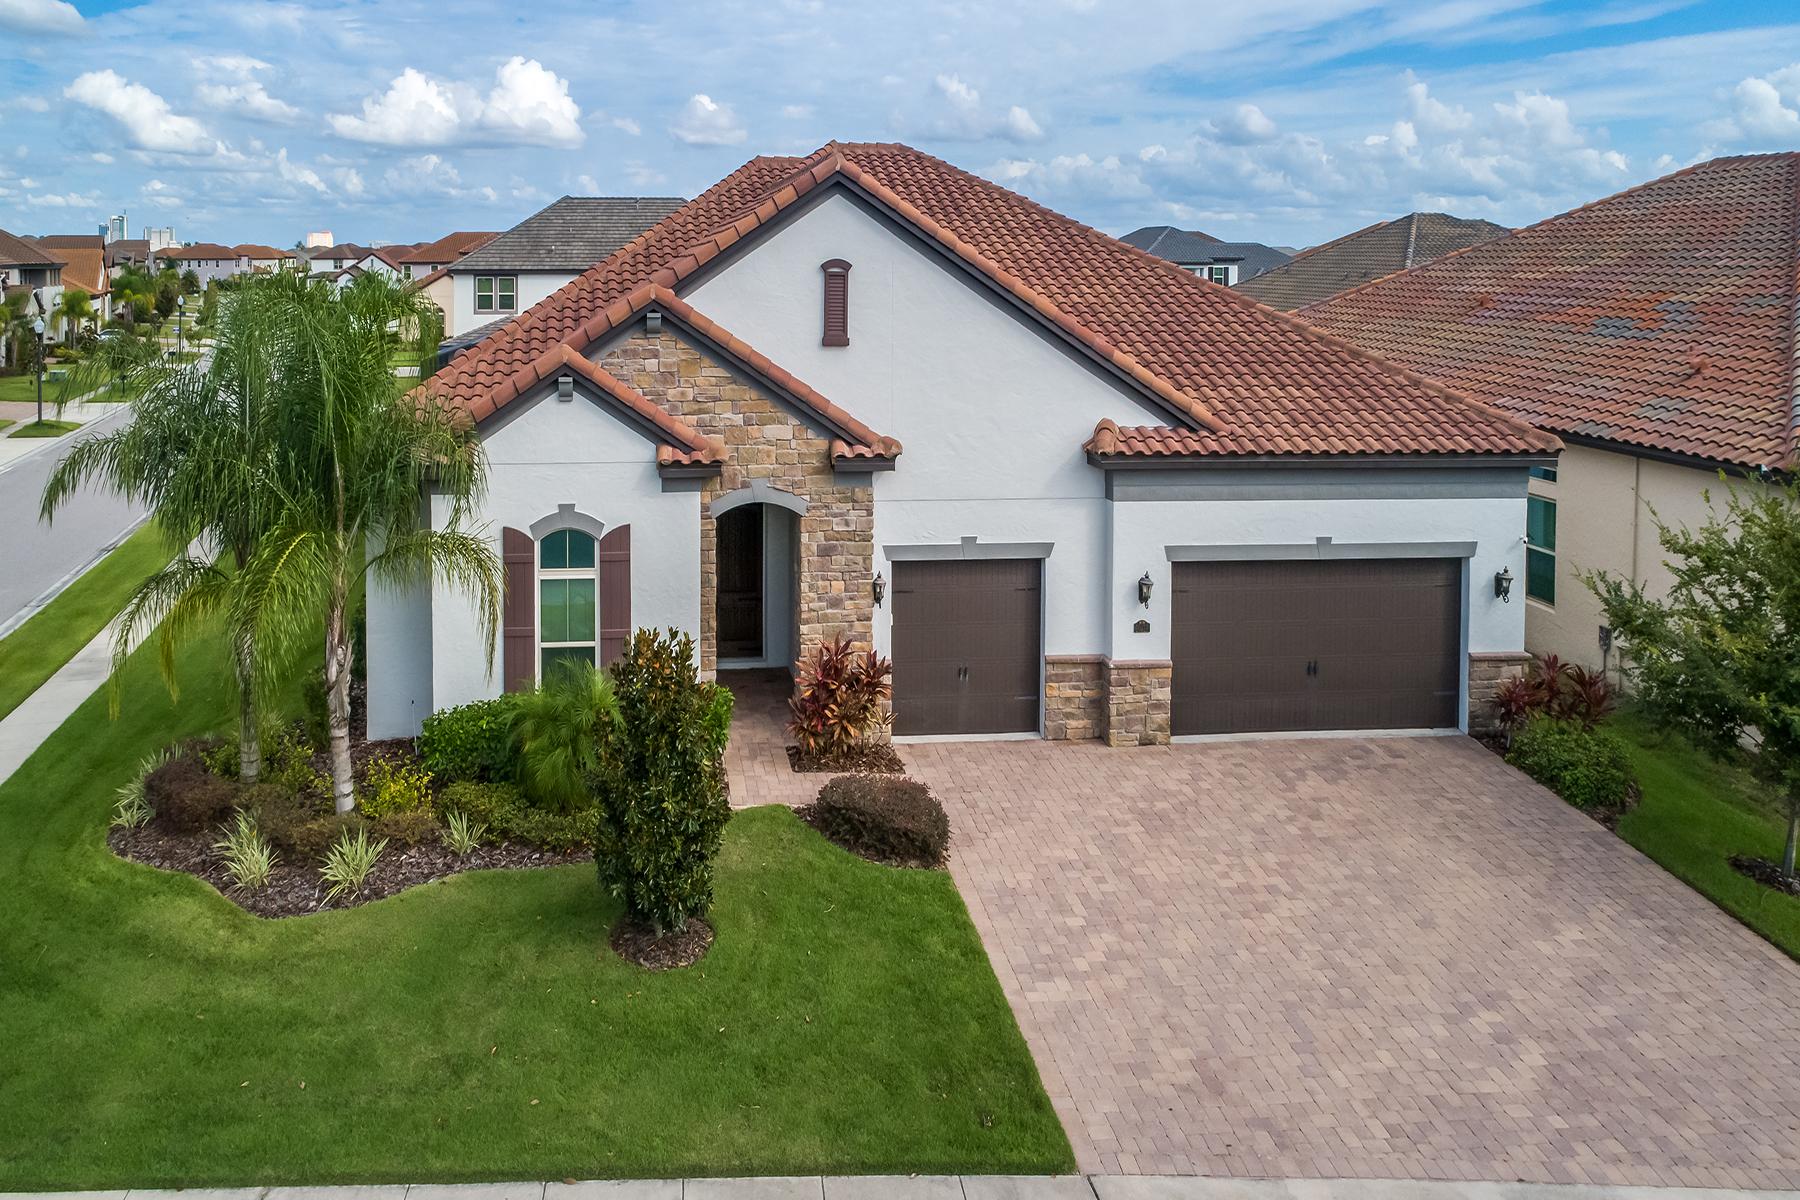 Property for Sale at Orlando 10413 Lemont St Orlando, Florida 32836 United States